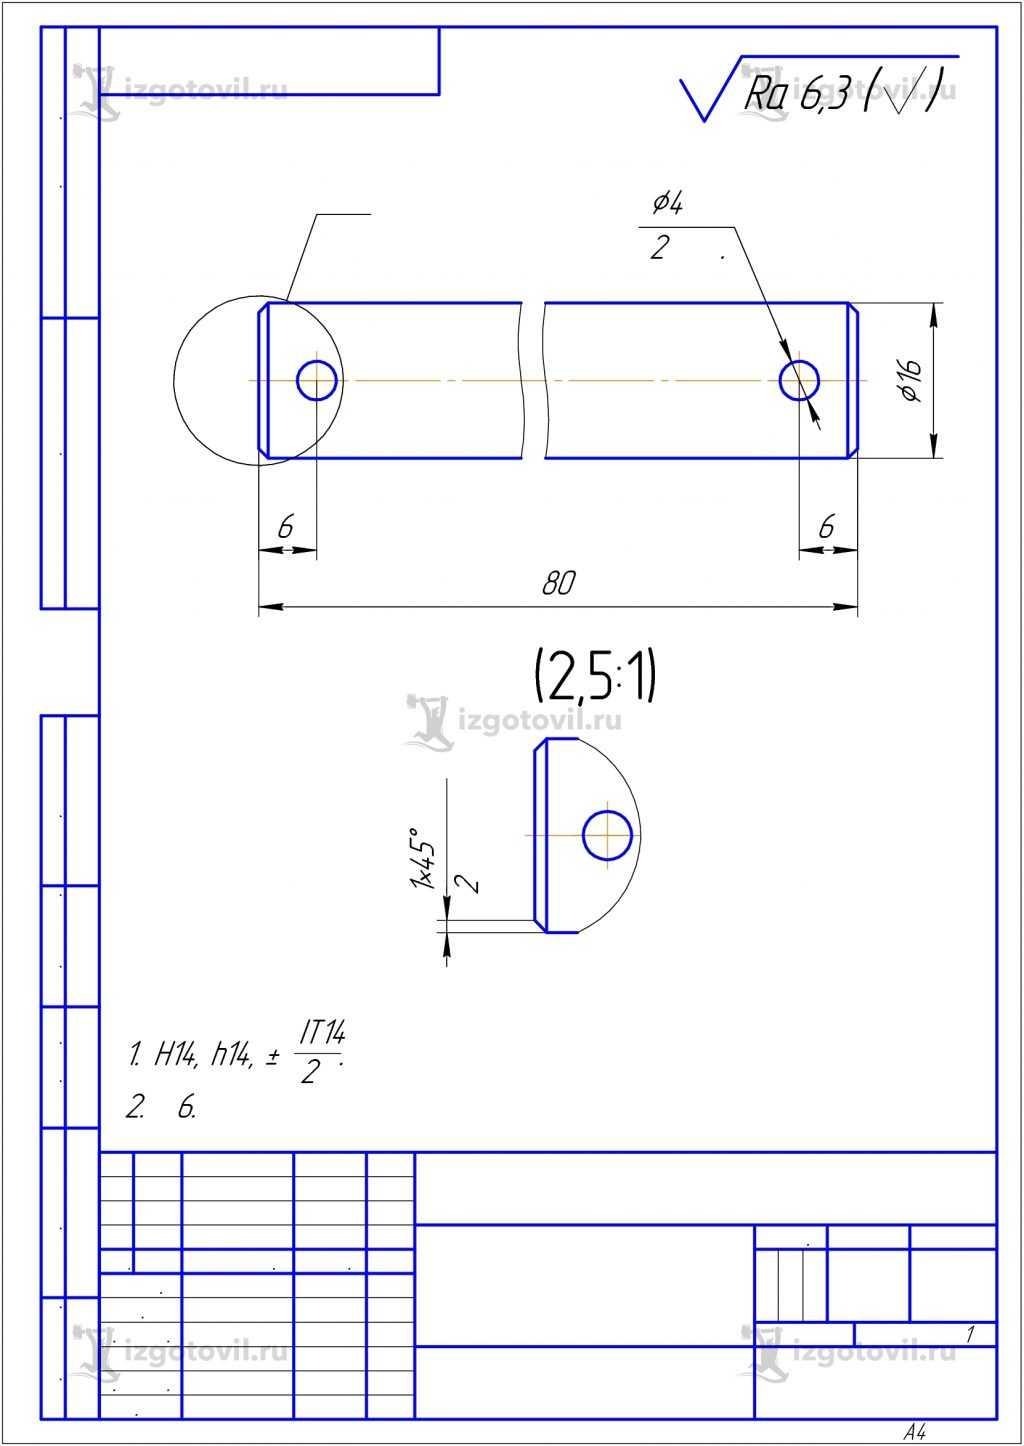 Токарная обработка деталей: изготовление осей и втулок